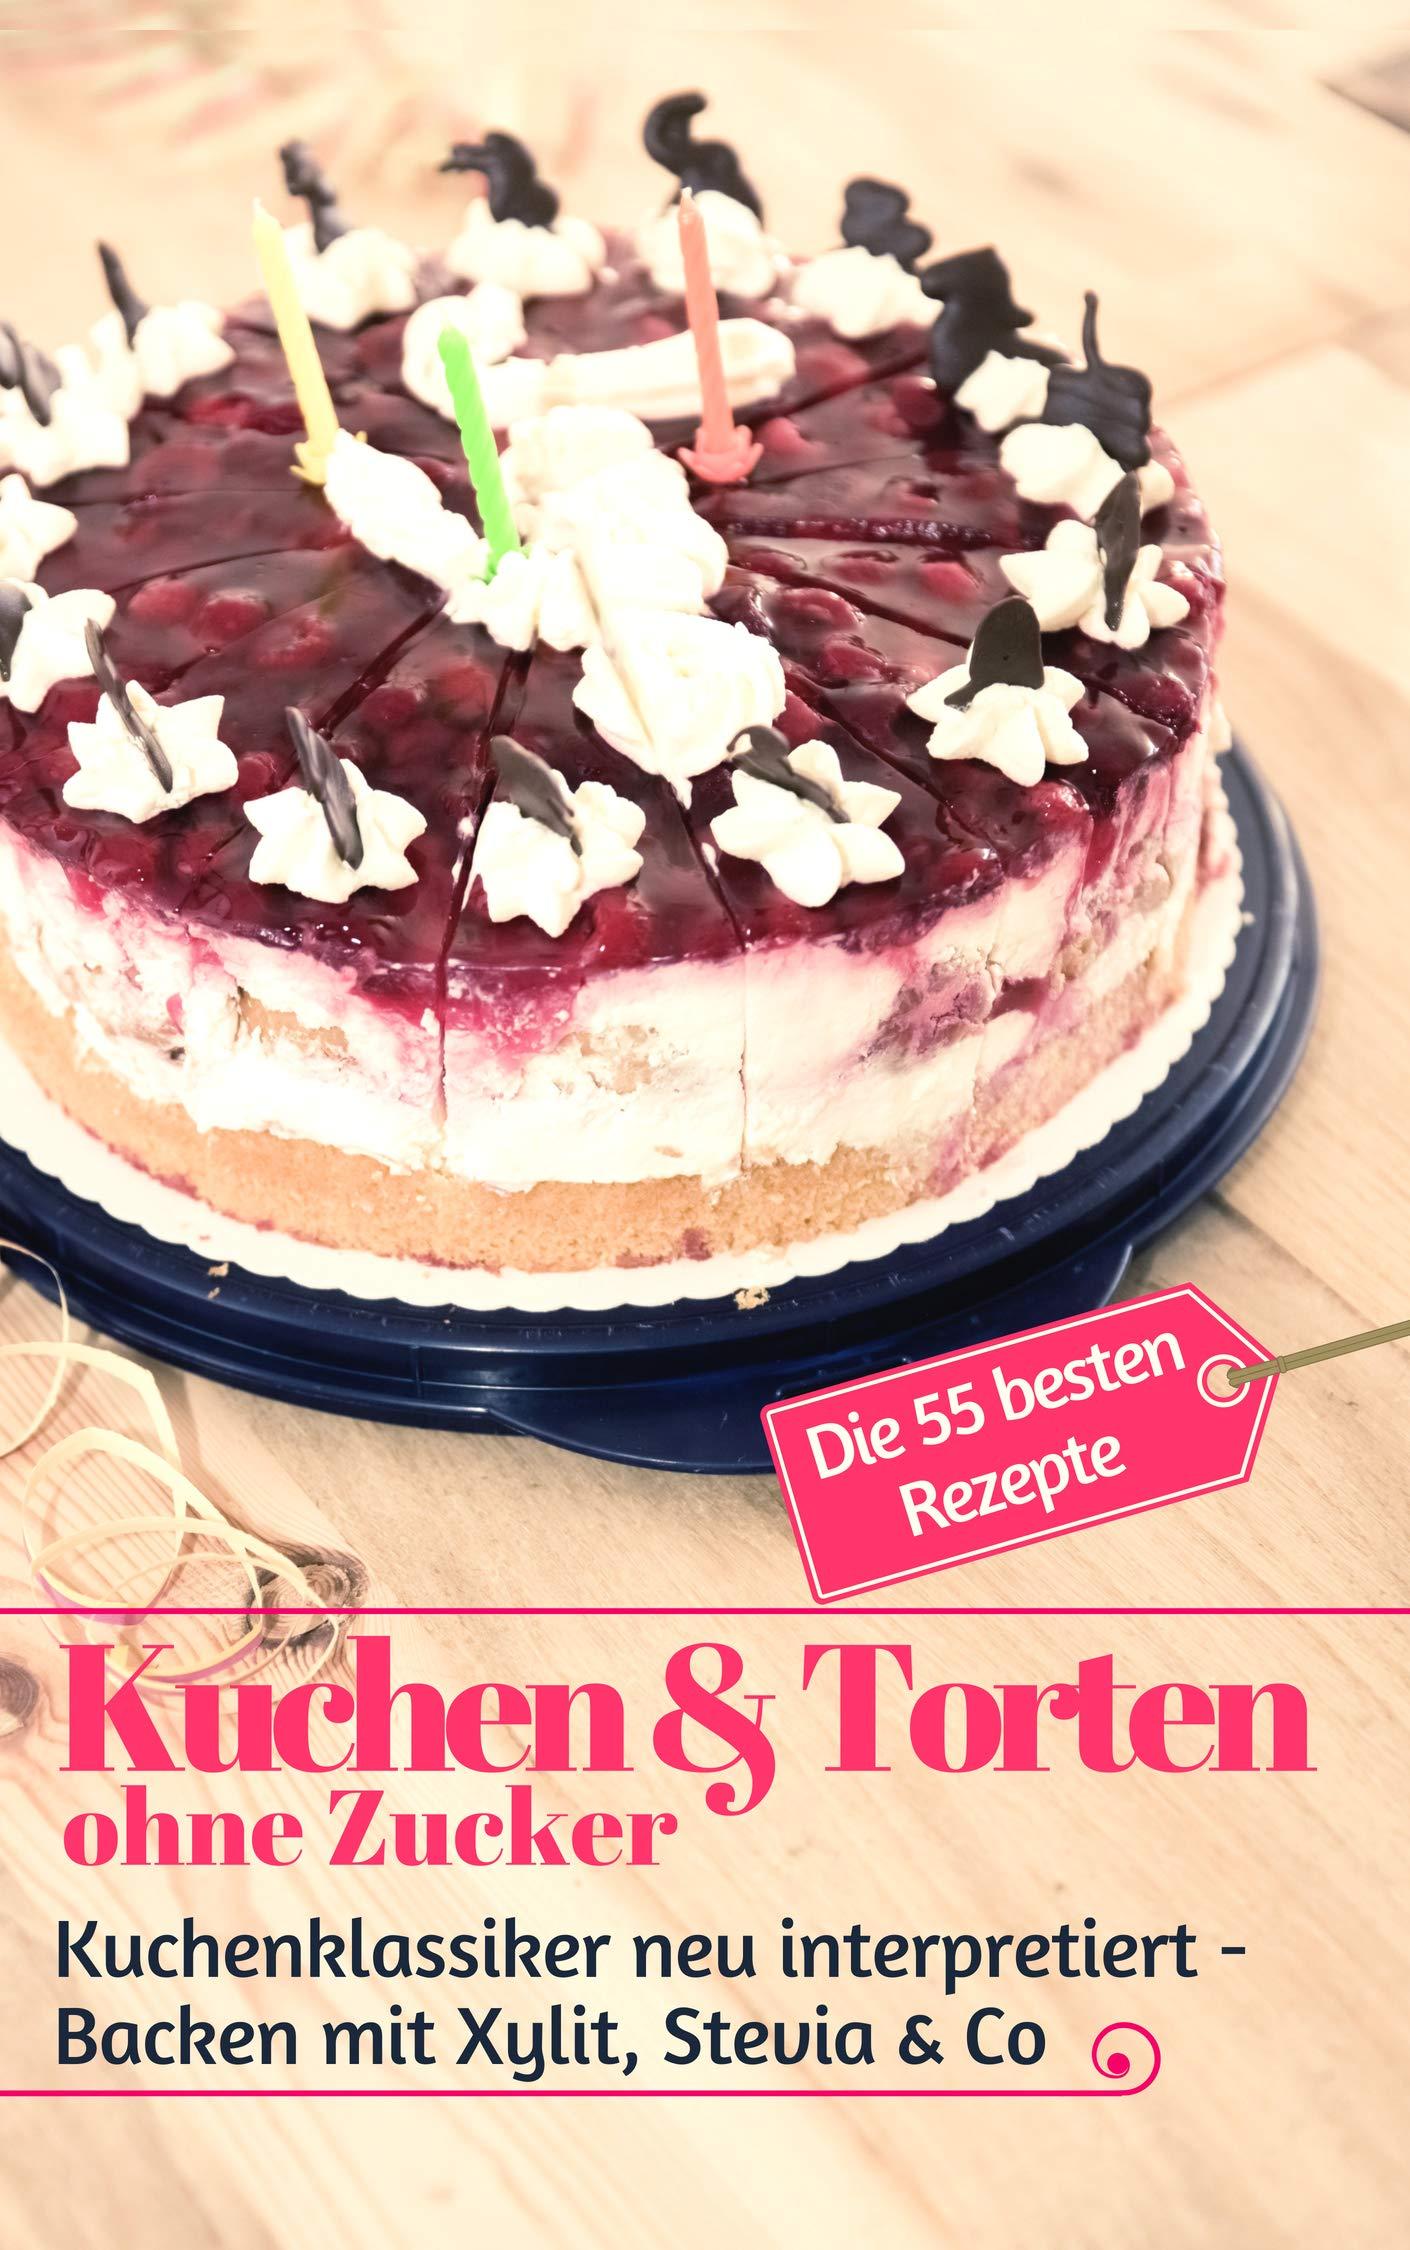 Kuchen And Torten Ohne Zucker  Kuchenklassiker Neu Interpretiert  Backen Mit Xylit Stevia And Co – Die 55 Besten Rezepte  Backen Ohne Zucker 6